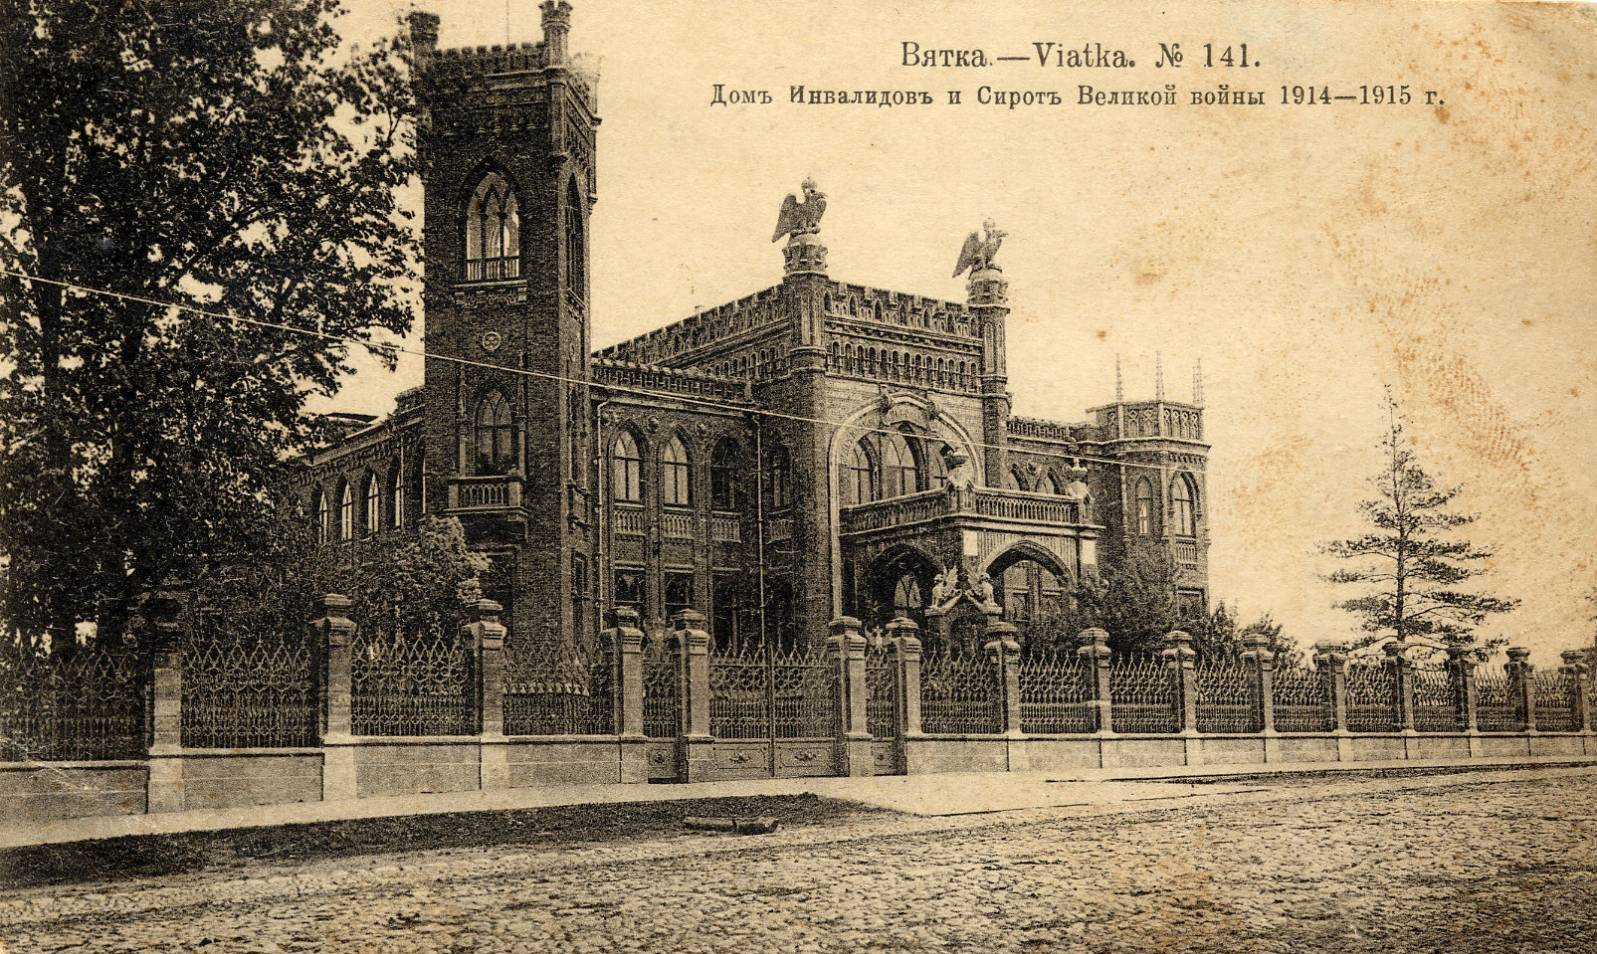 Дом инвалидов и сирот Великой войны 1914-1915 годов